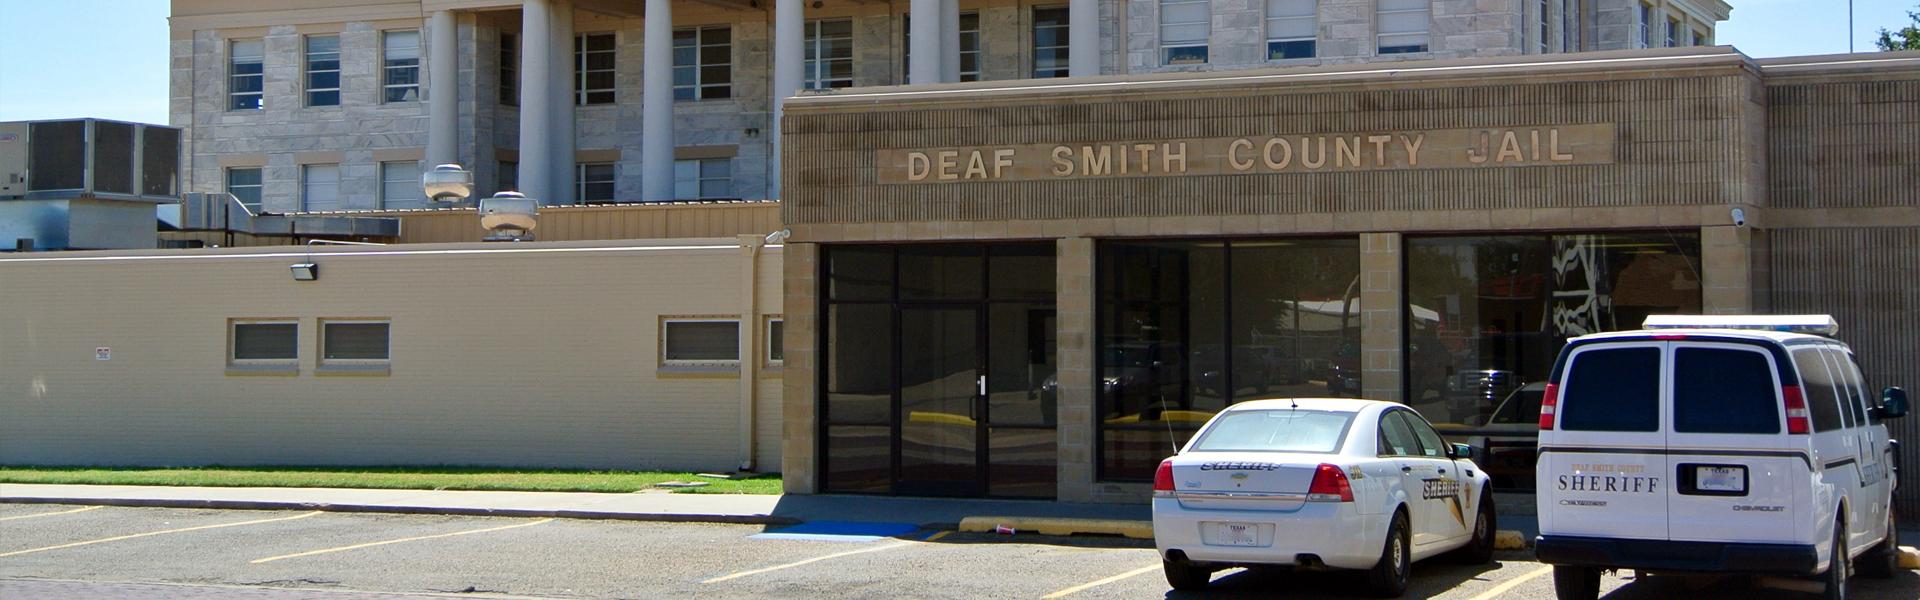 Deaf Smith County Car Insurance